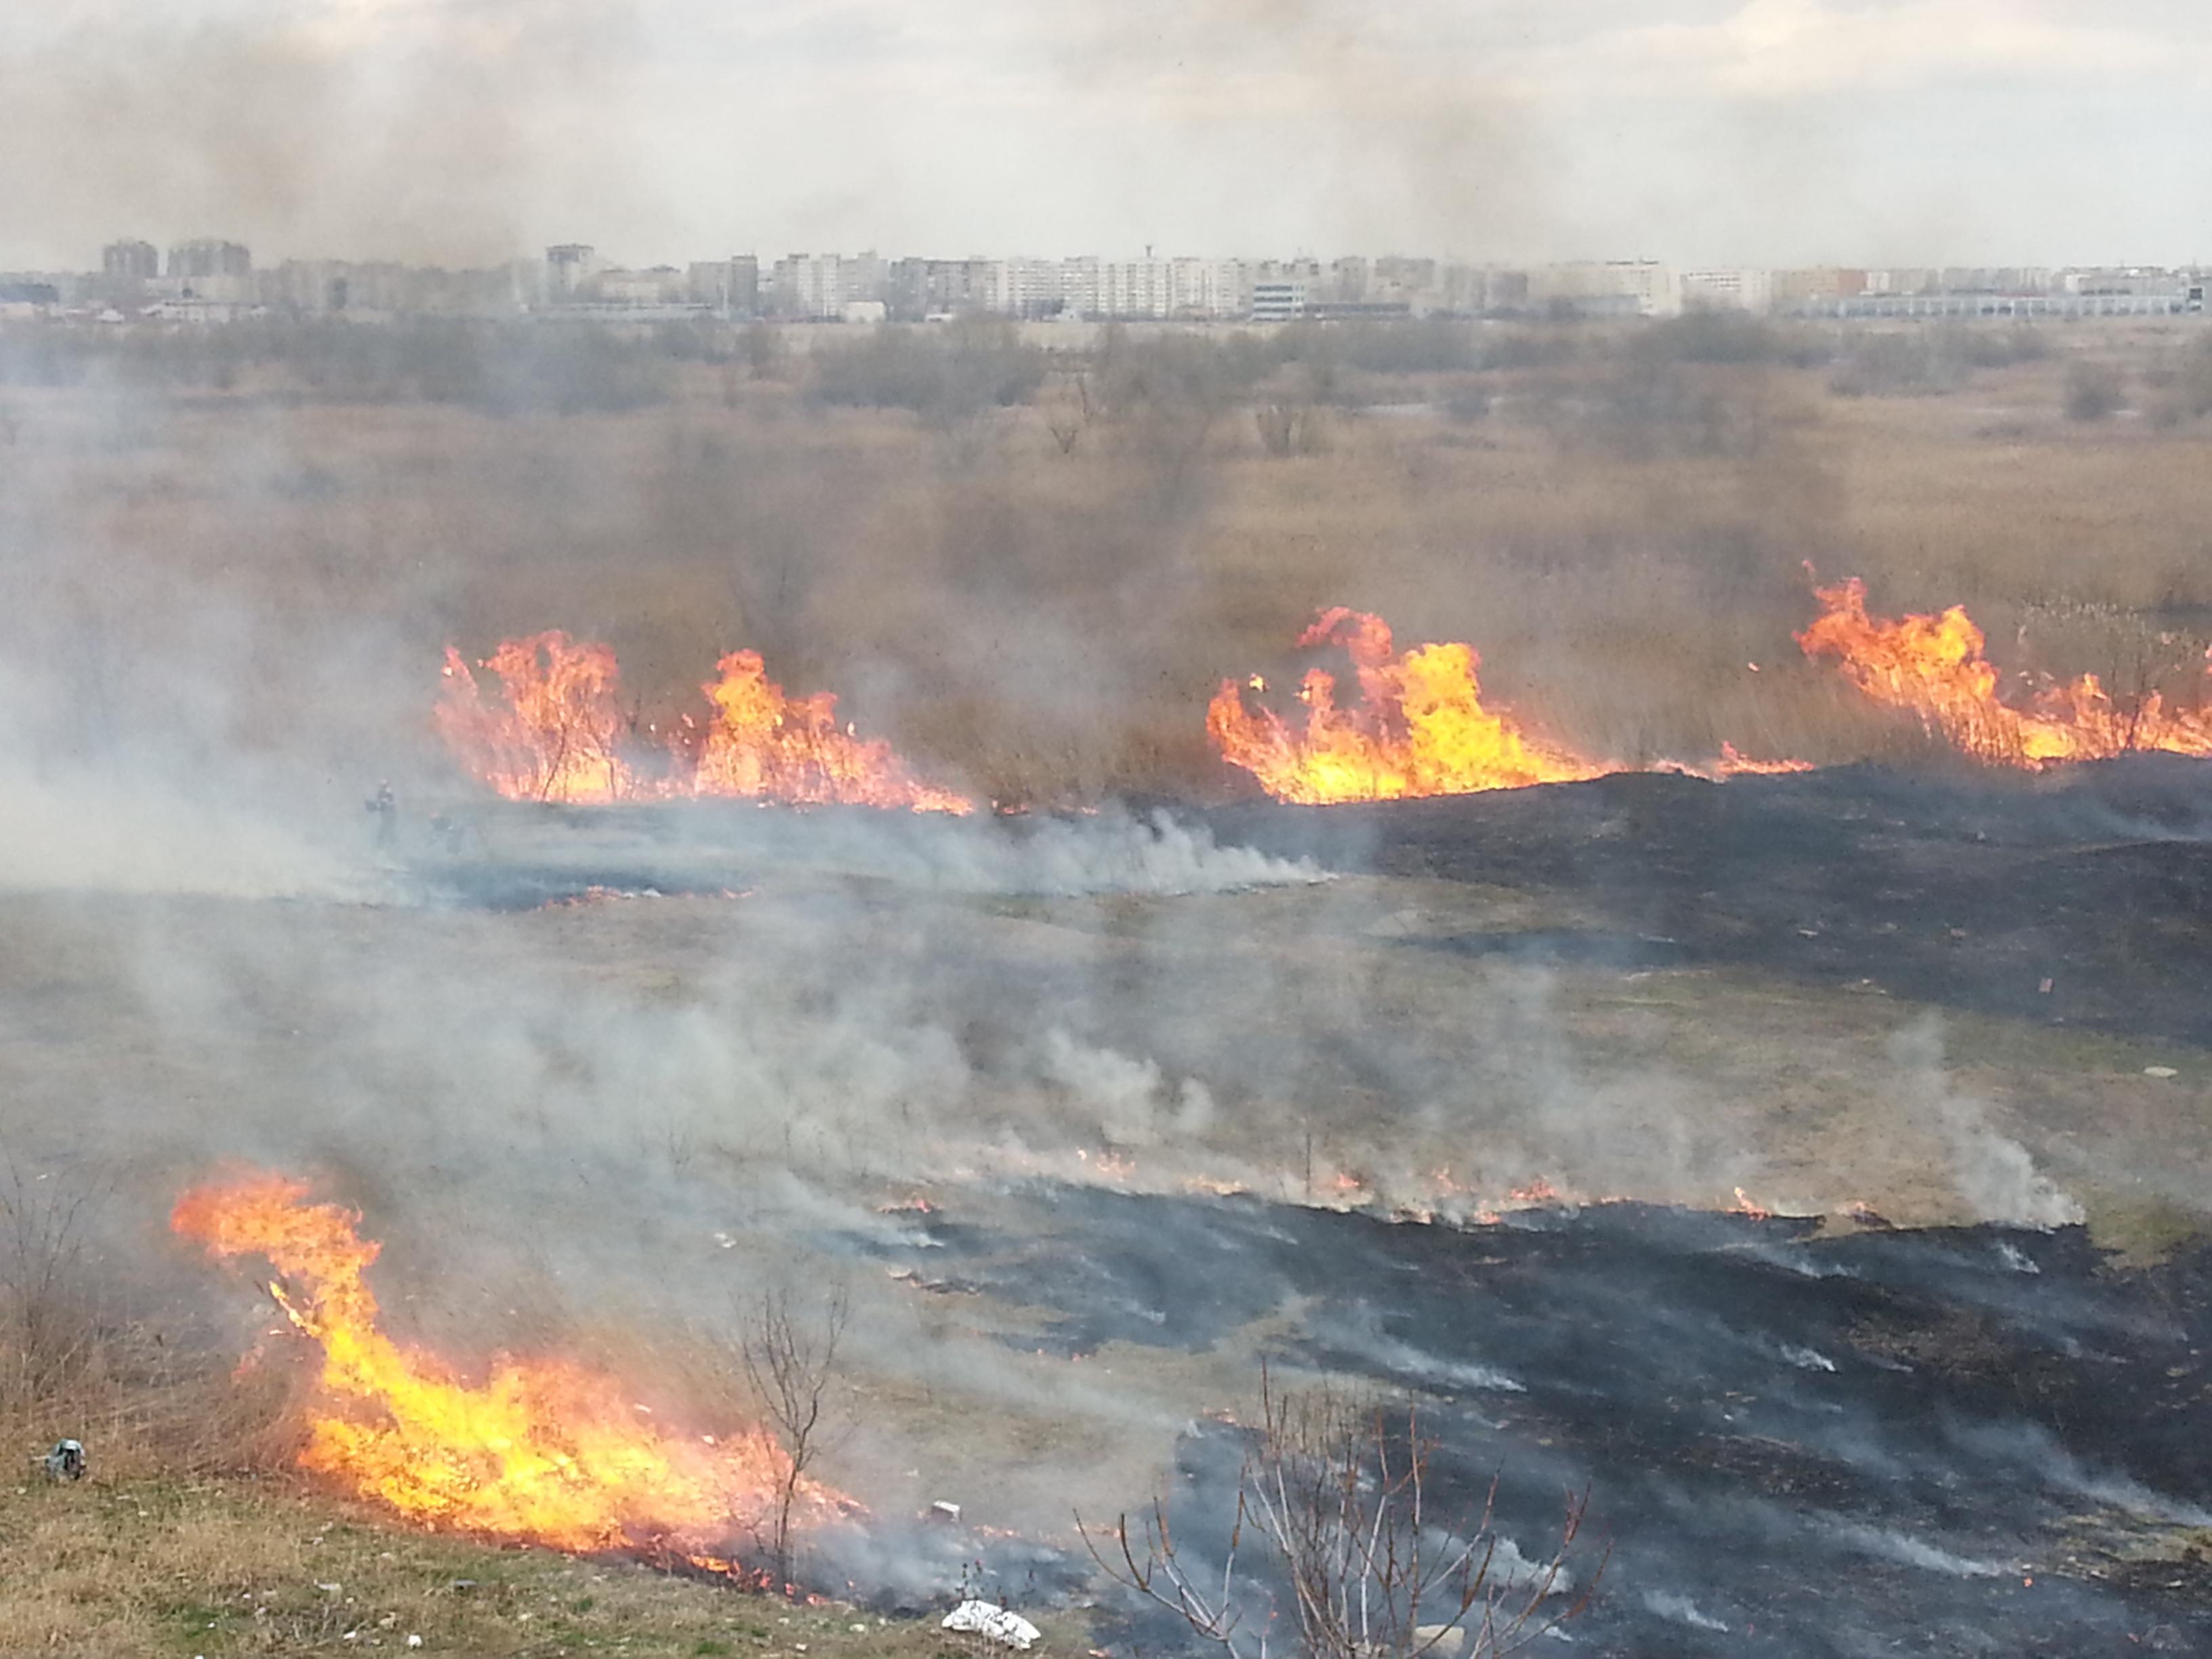 Bilanţul incendiilor de vegetaţie din California a ajuns la cel puţin 25 de morţi